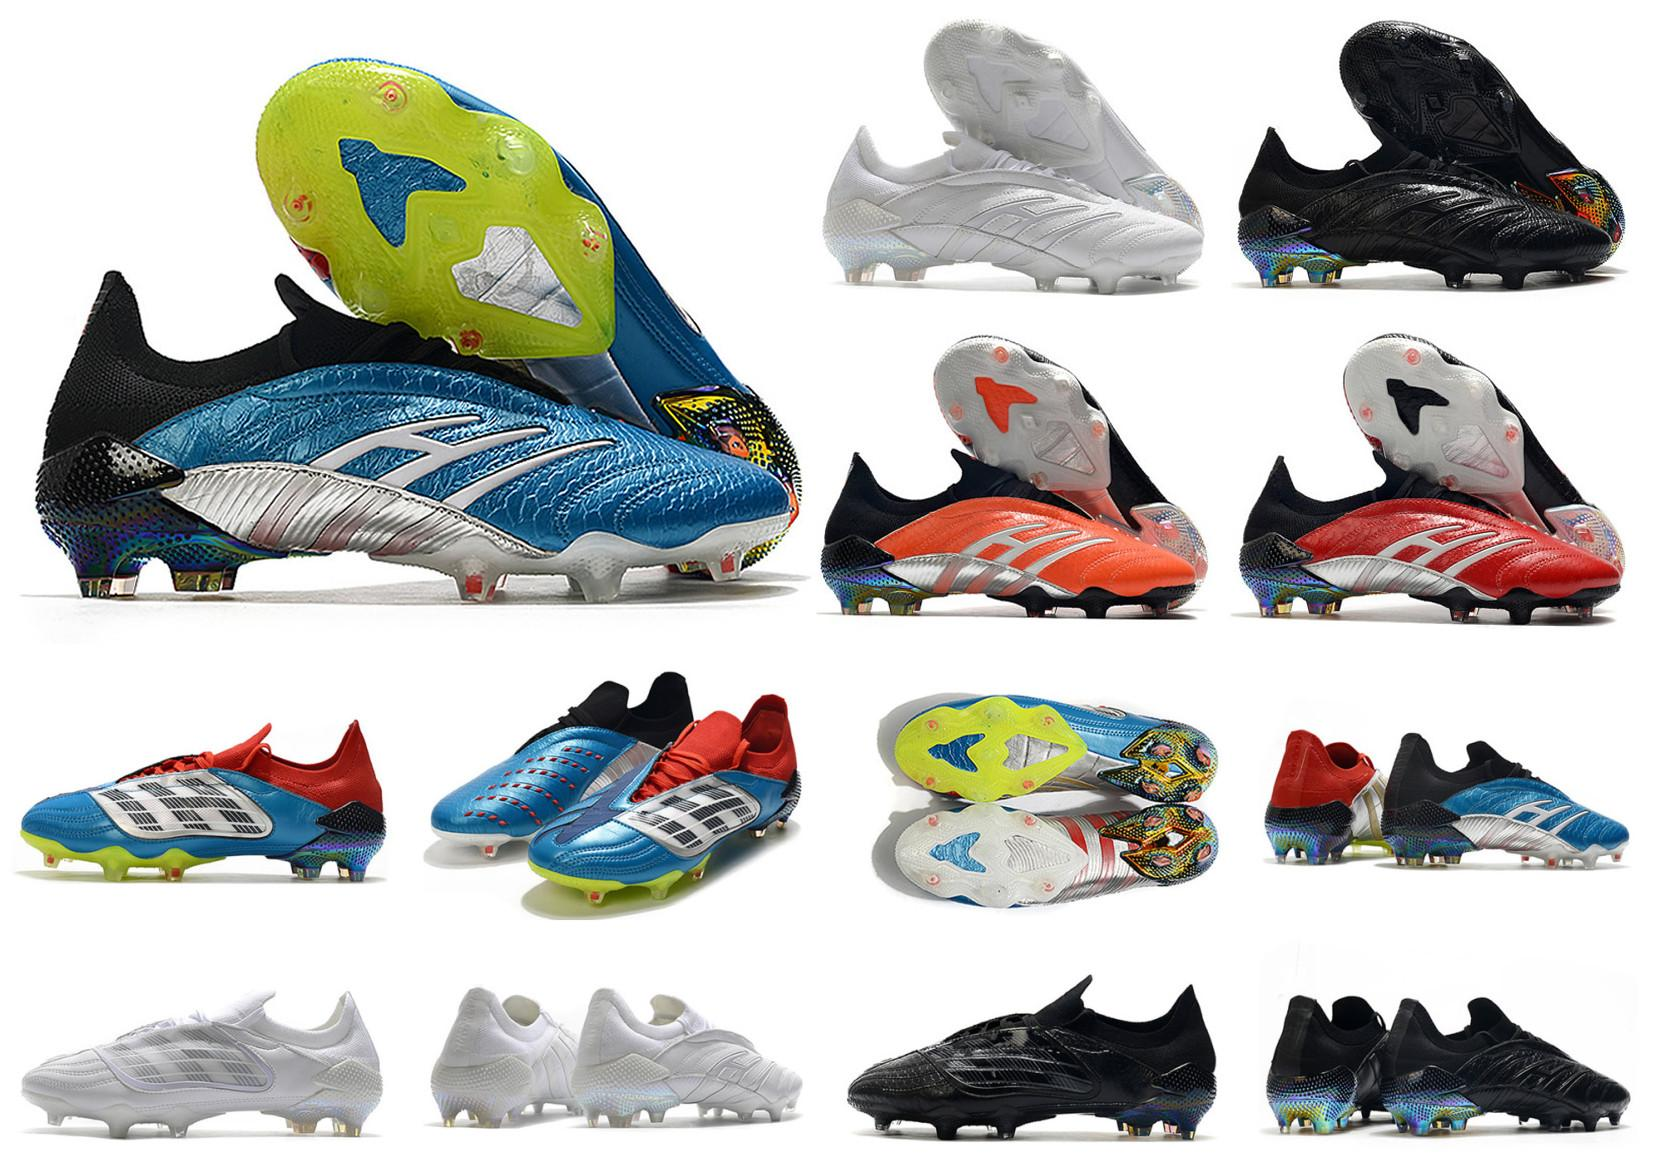 Hot Predator 20 Archive Edition limitata FG ZZ Zidane David Beckham 23 20 + x Scarpe Uomo morsetti di calcio Scarpe da calcio Size 39-45